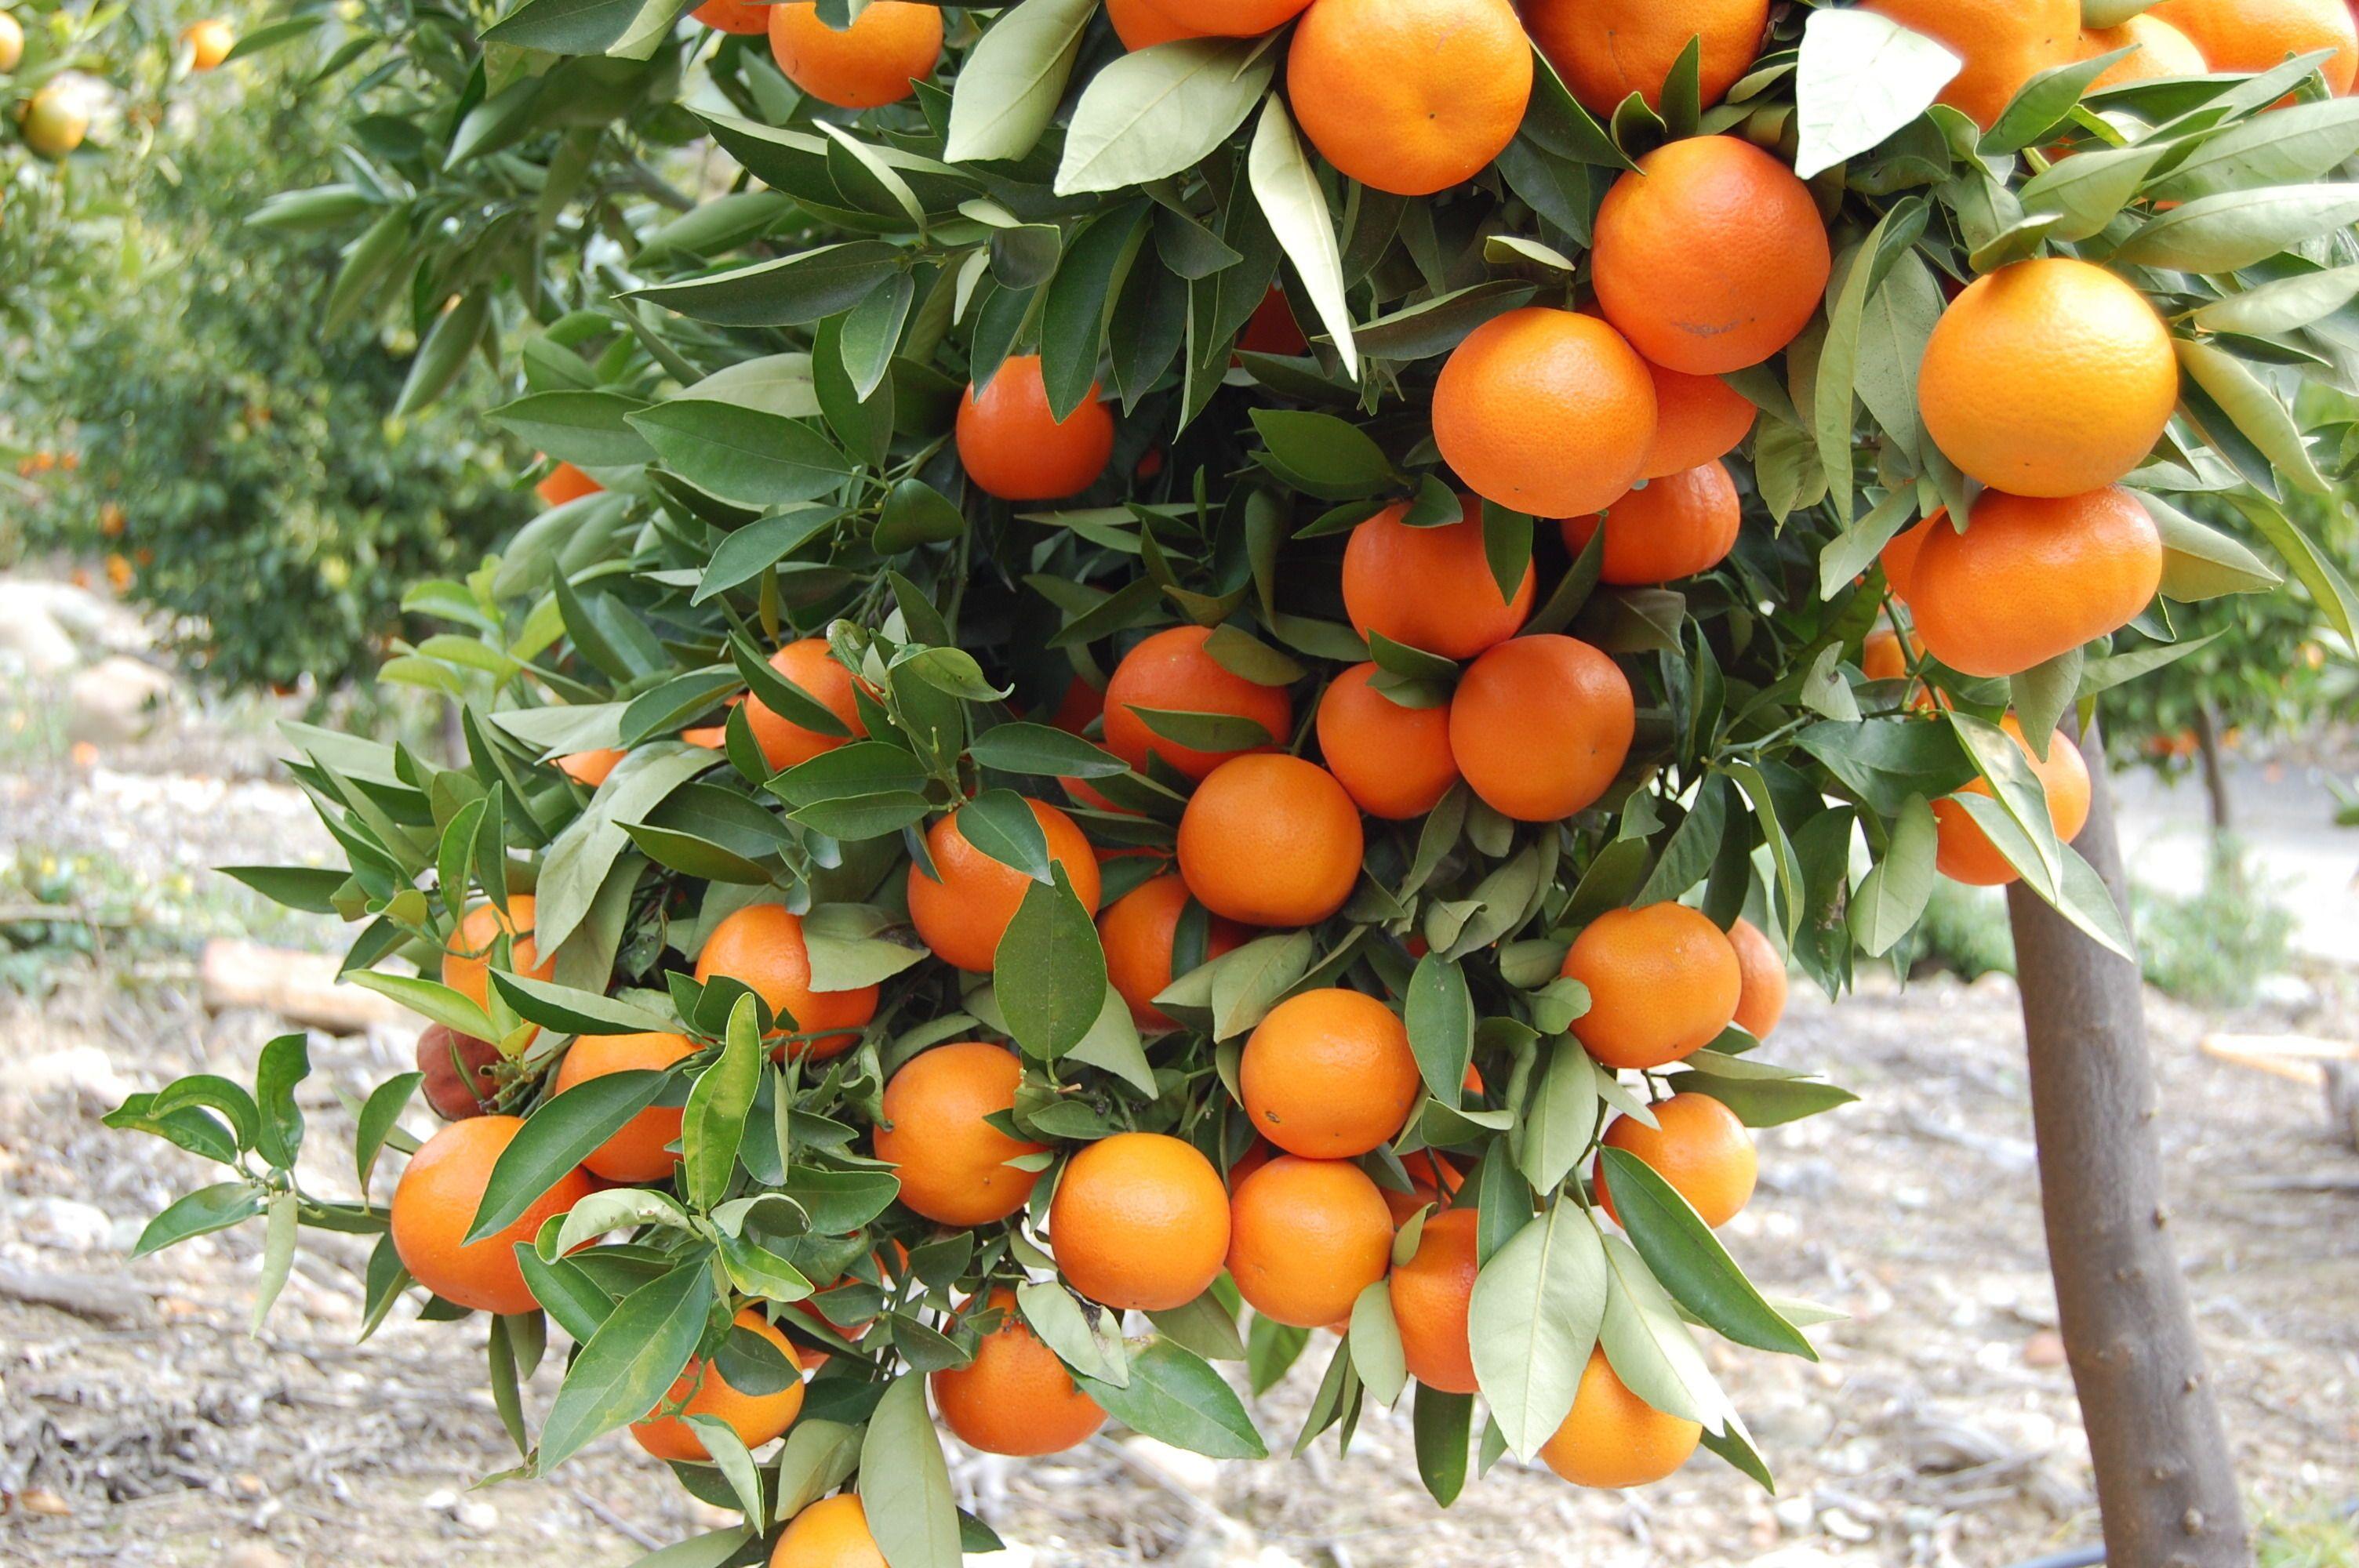 Or orange fruit hd wallpaper - Orange